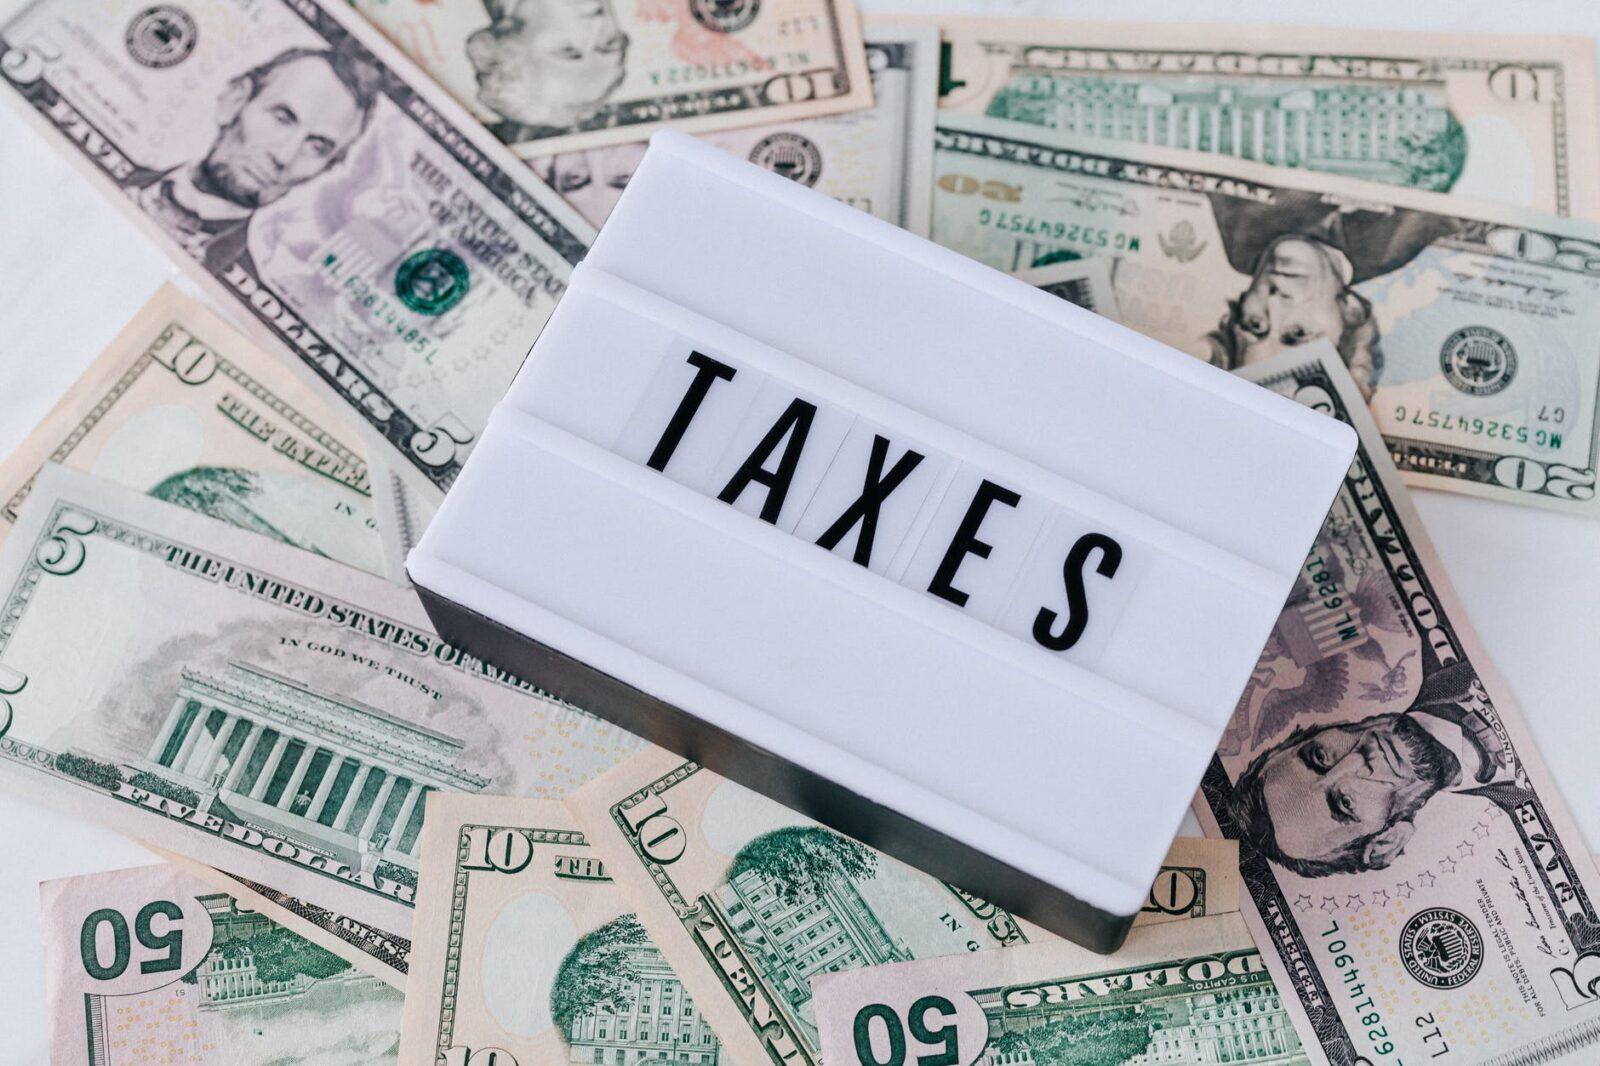 房地合一稅2.0將上路,四大重點帶你了解。